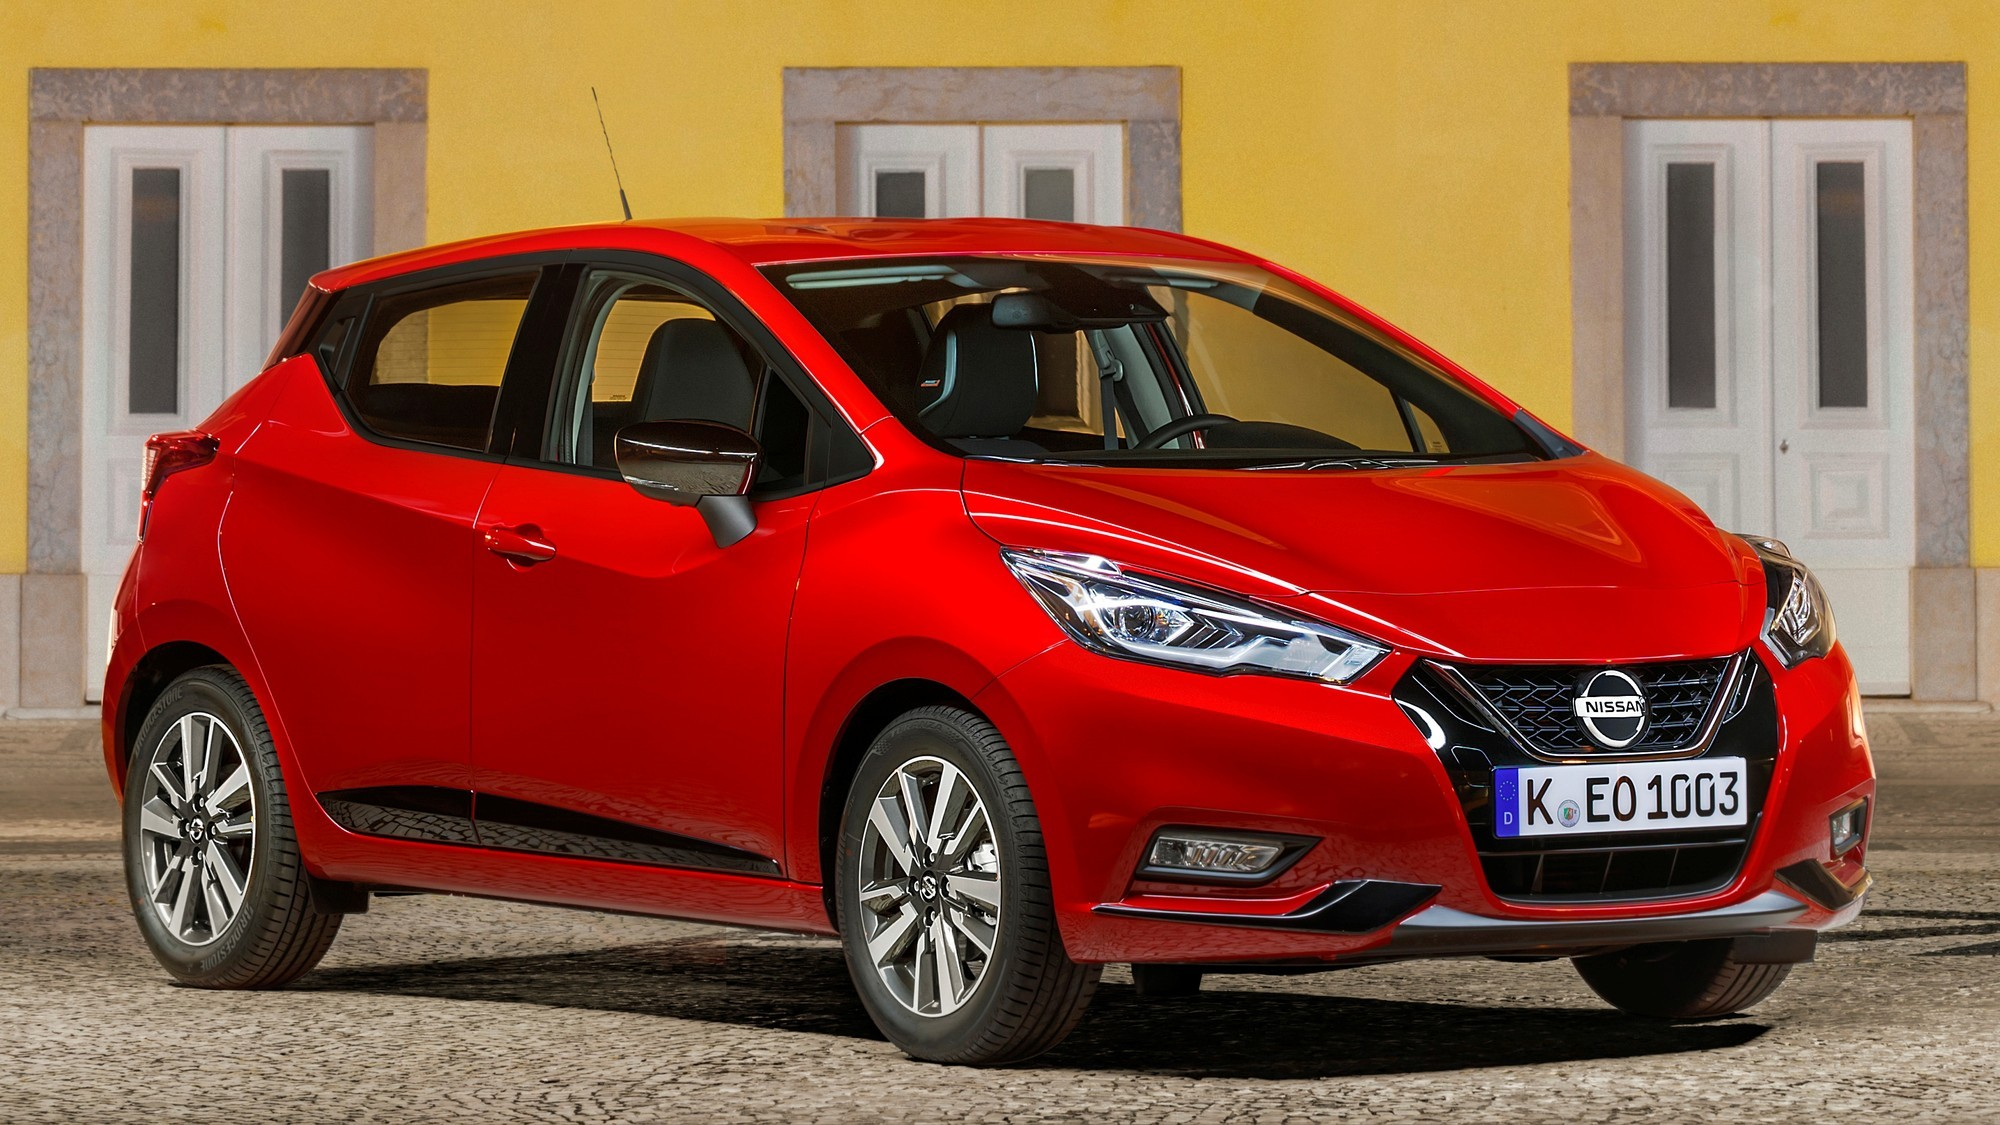 Прощай, индивидуальность: Nissan Micra нового поколения станет клоном Renault Clio